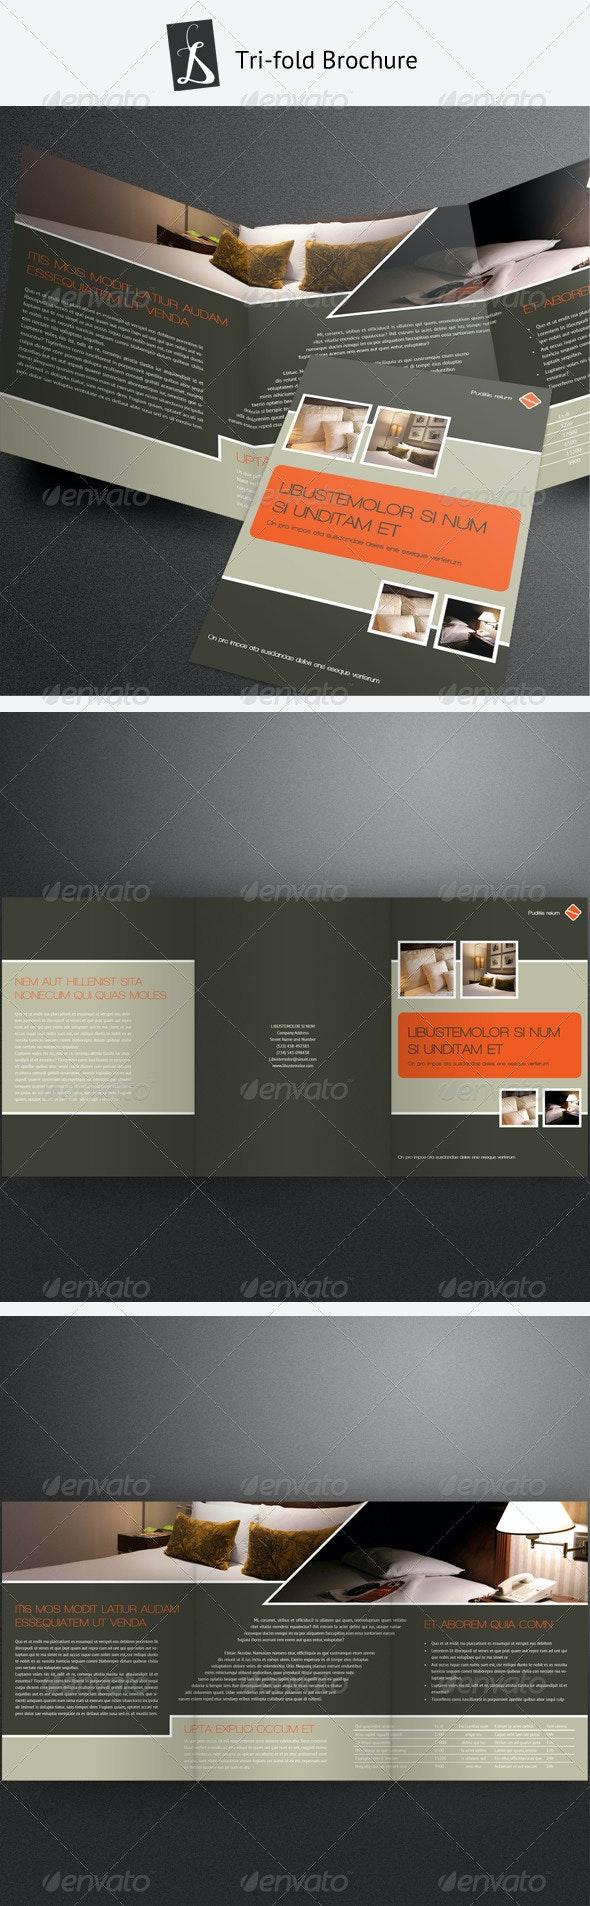 Tri-fold Brochure 6 - Corporate Brochures